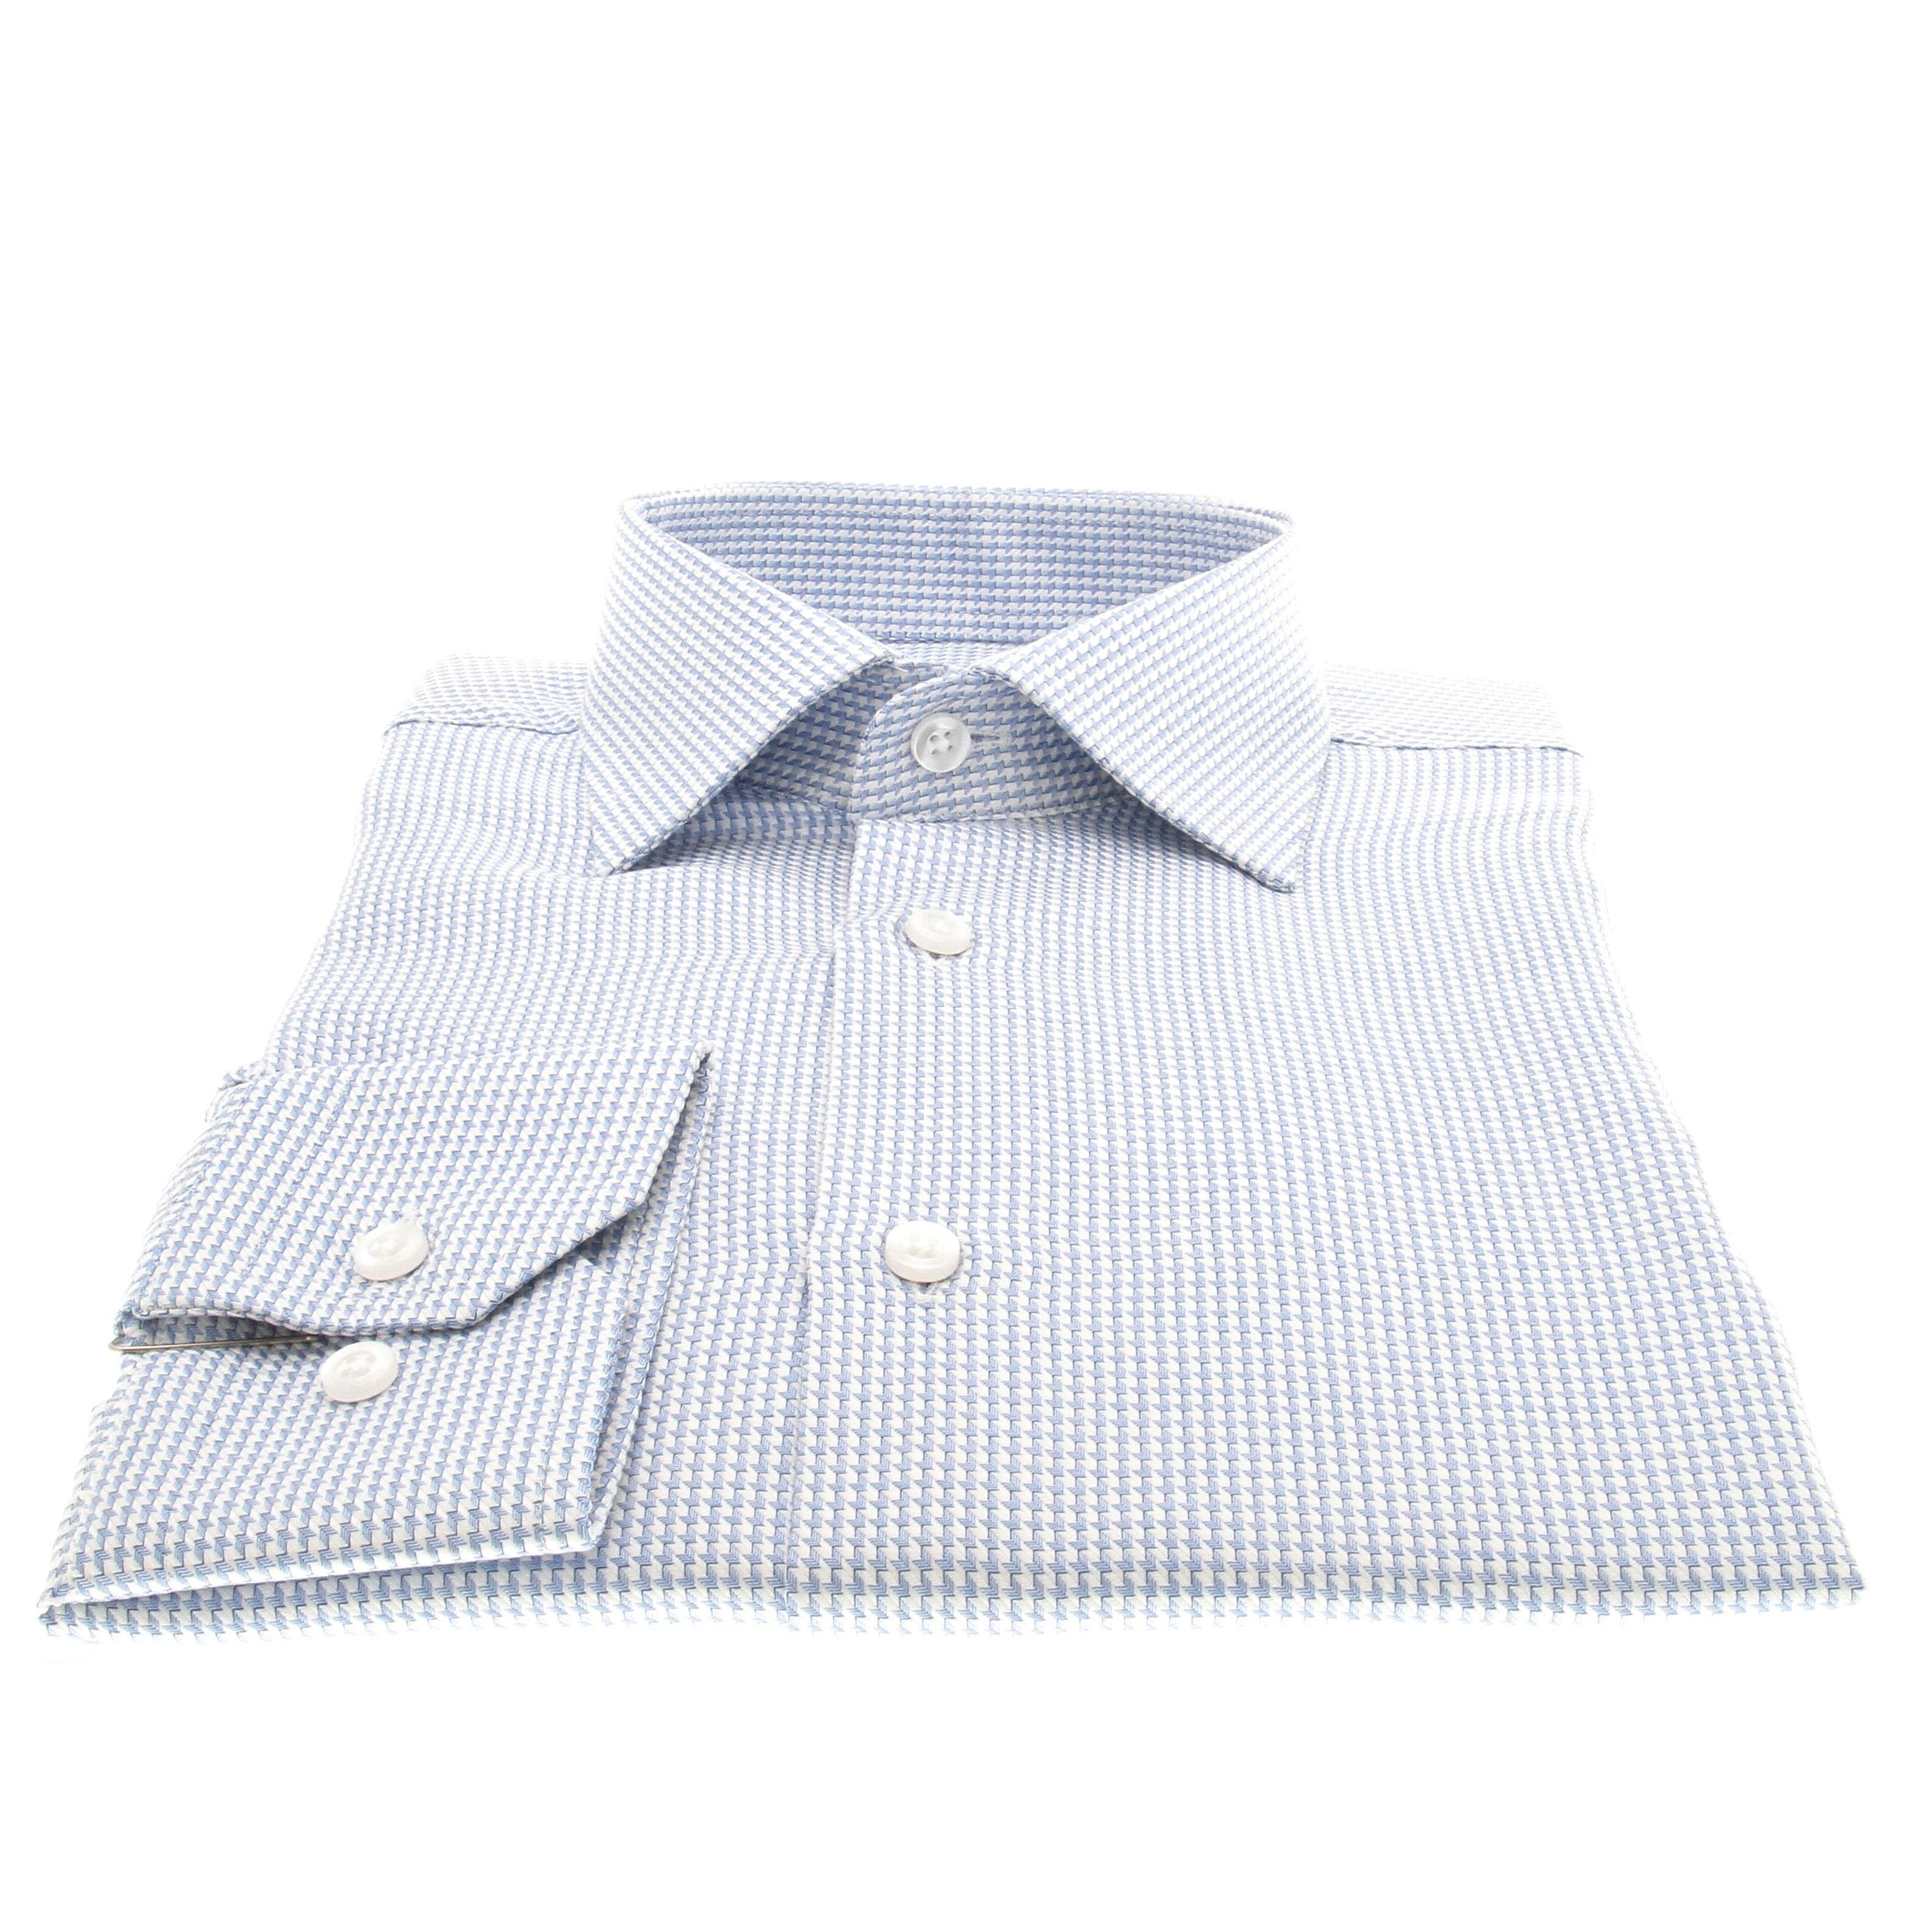 Chemise Reims : Bleu et blanc - Col Français (chemise)